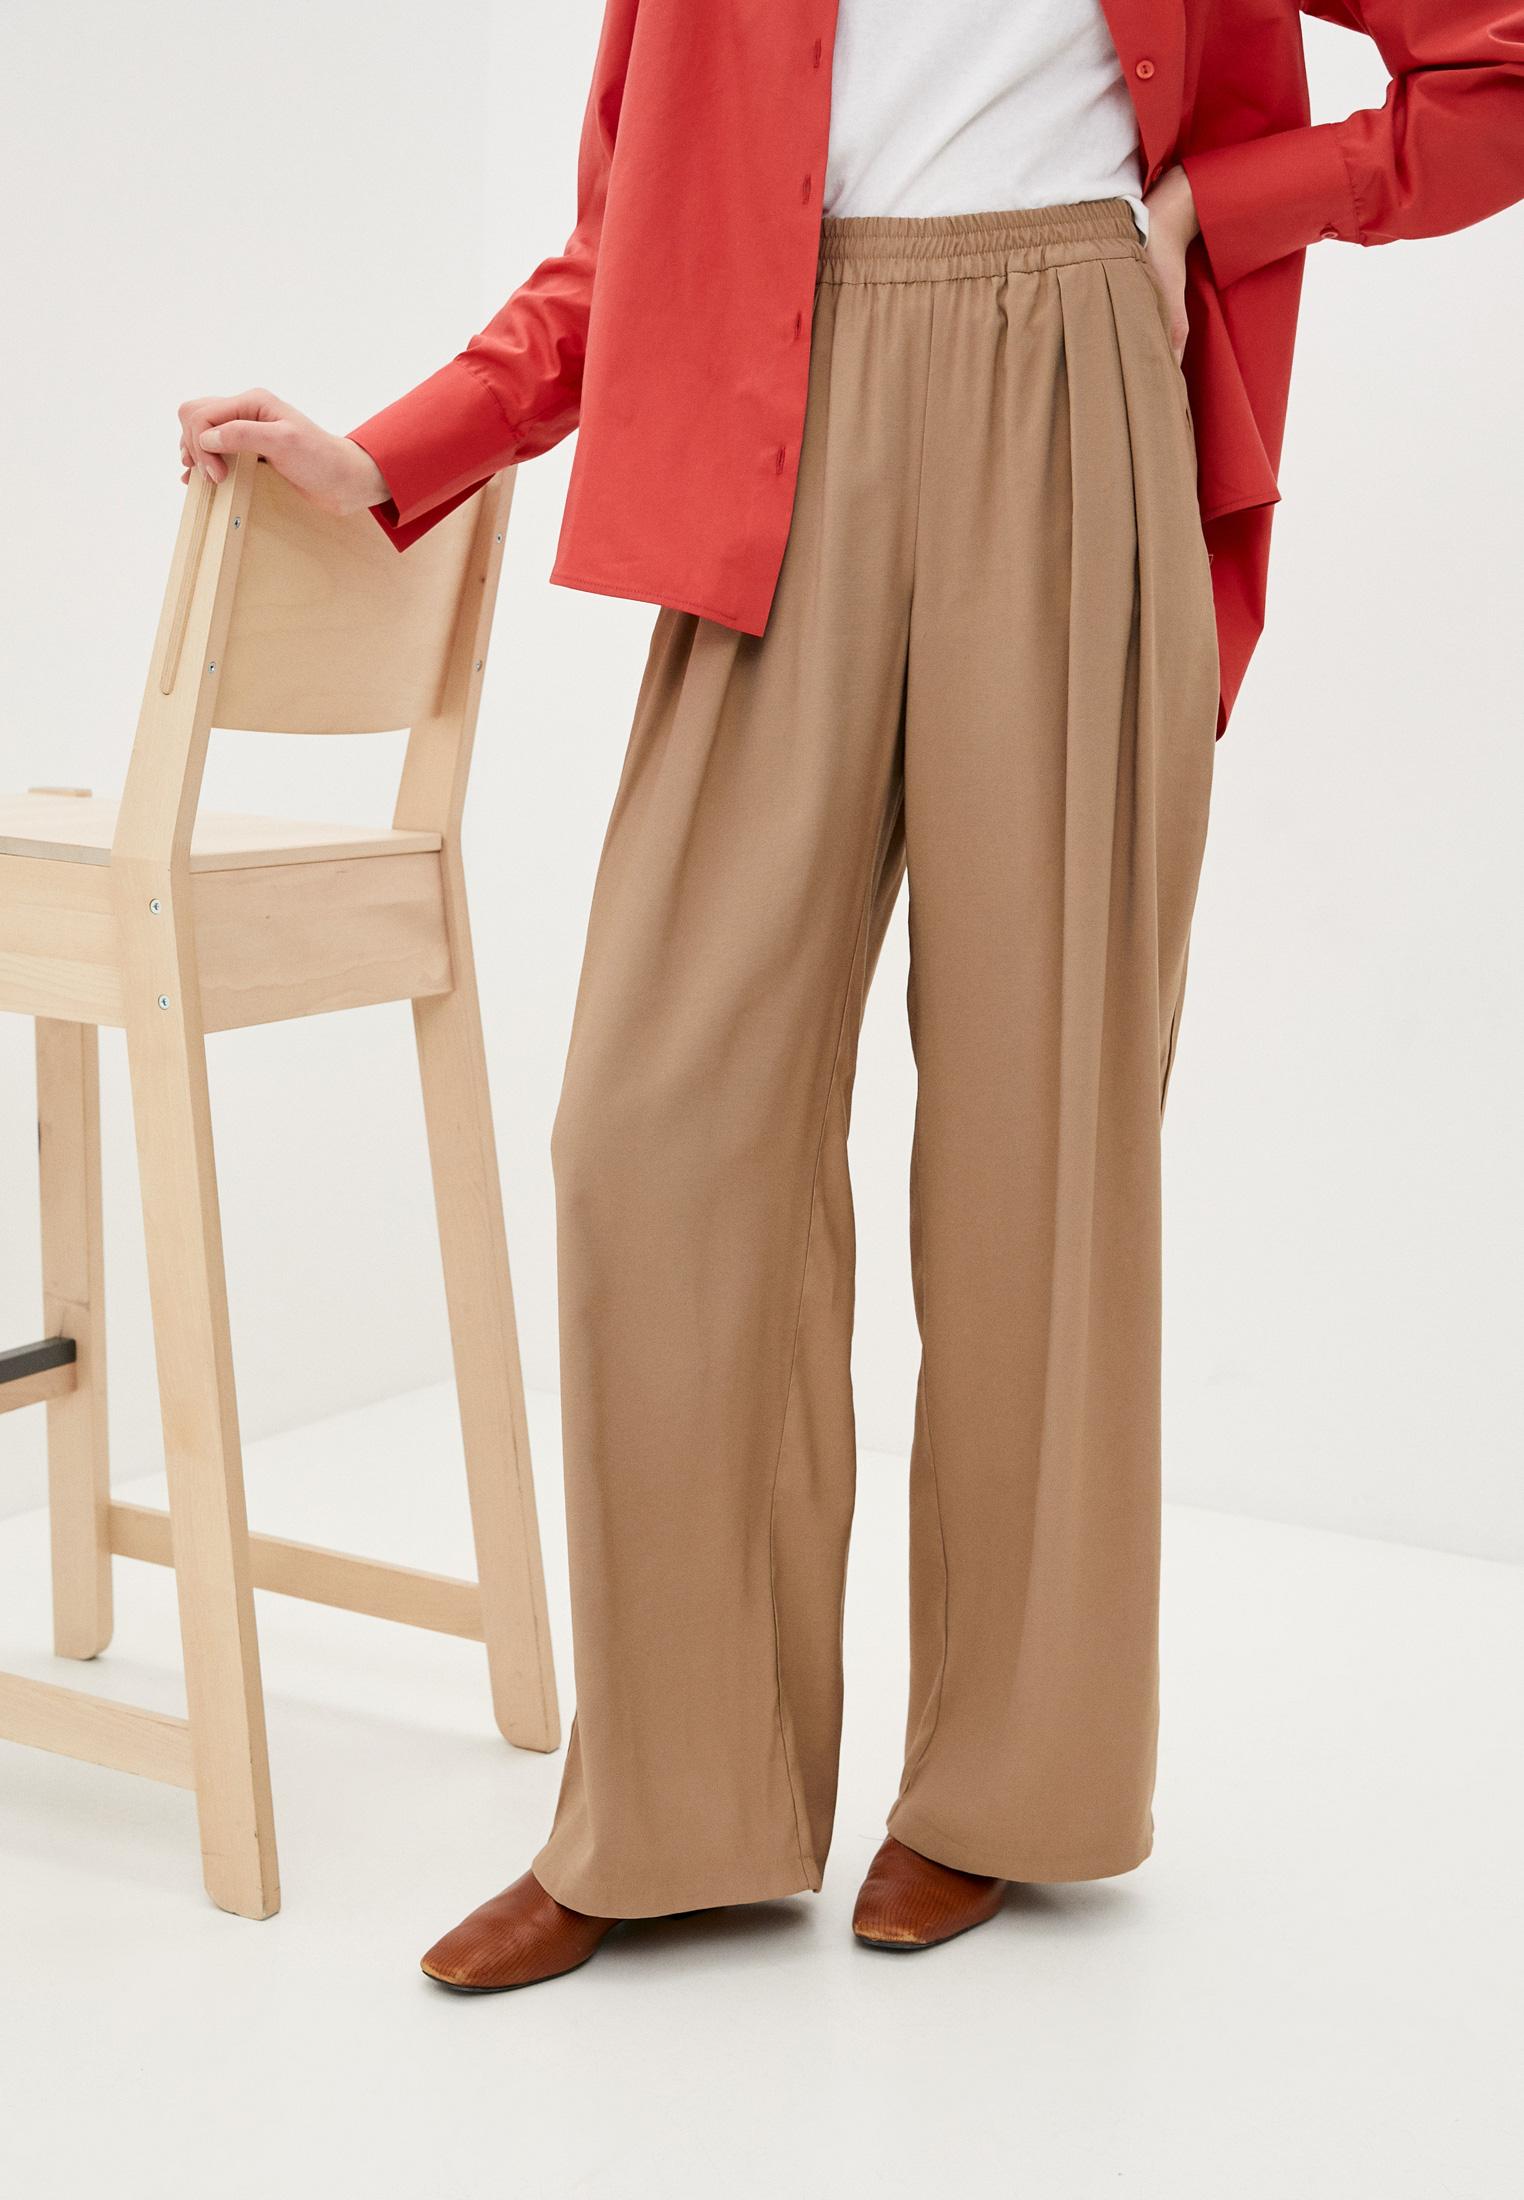 Женские широкие и расклешенные брюки Nataliy Beate Брюки мод.509